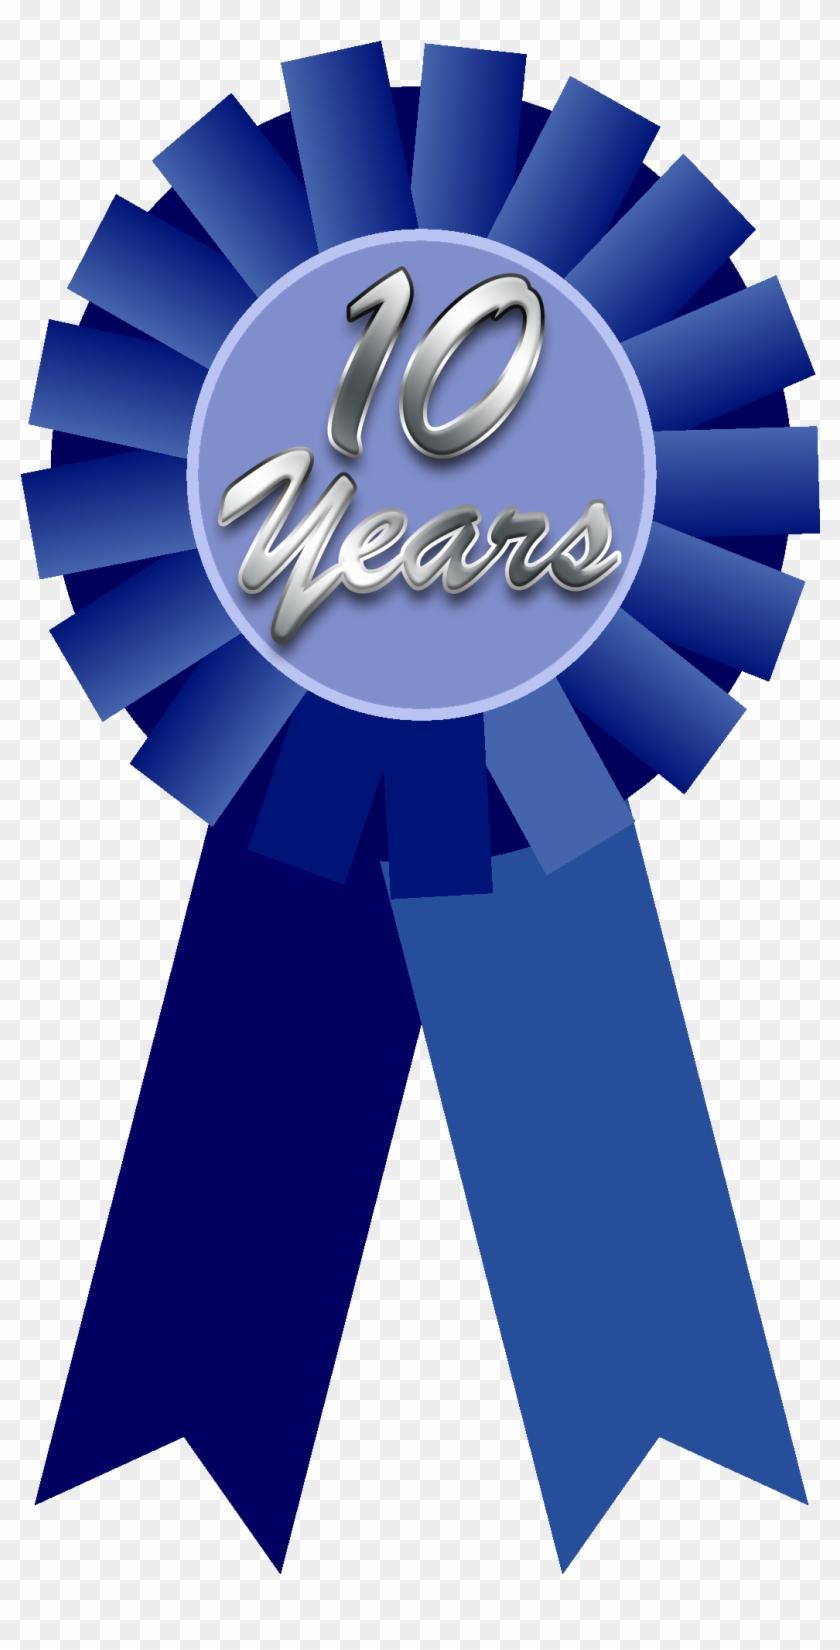 Real Estate News - Blue Ribbon Award Png #737866